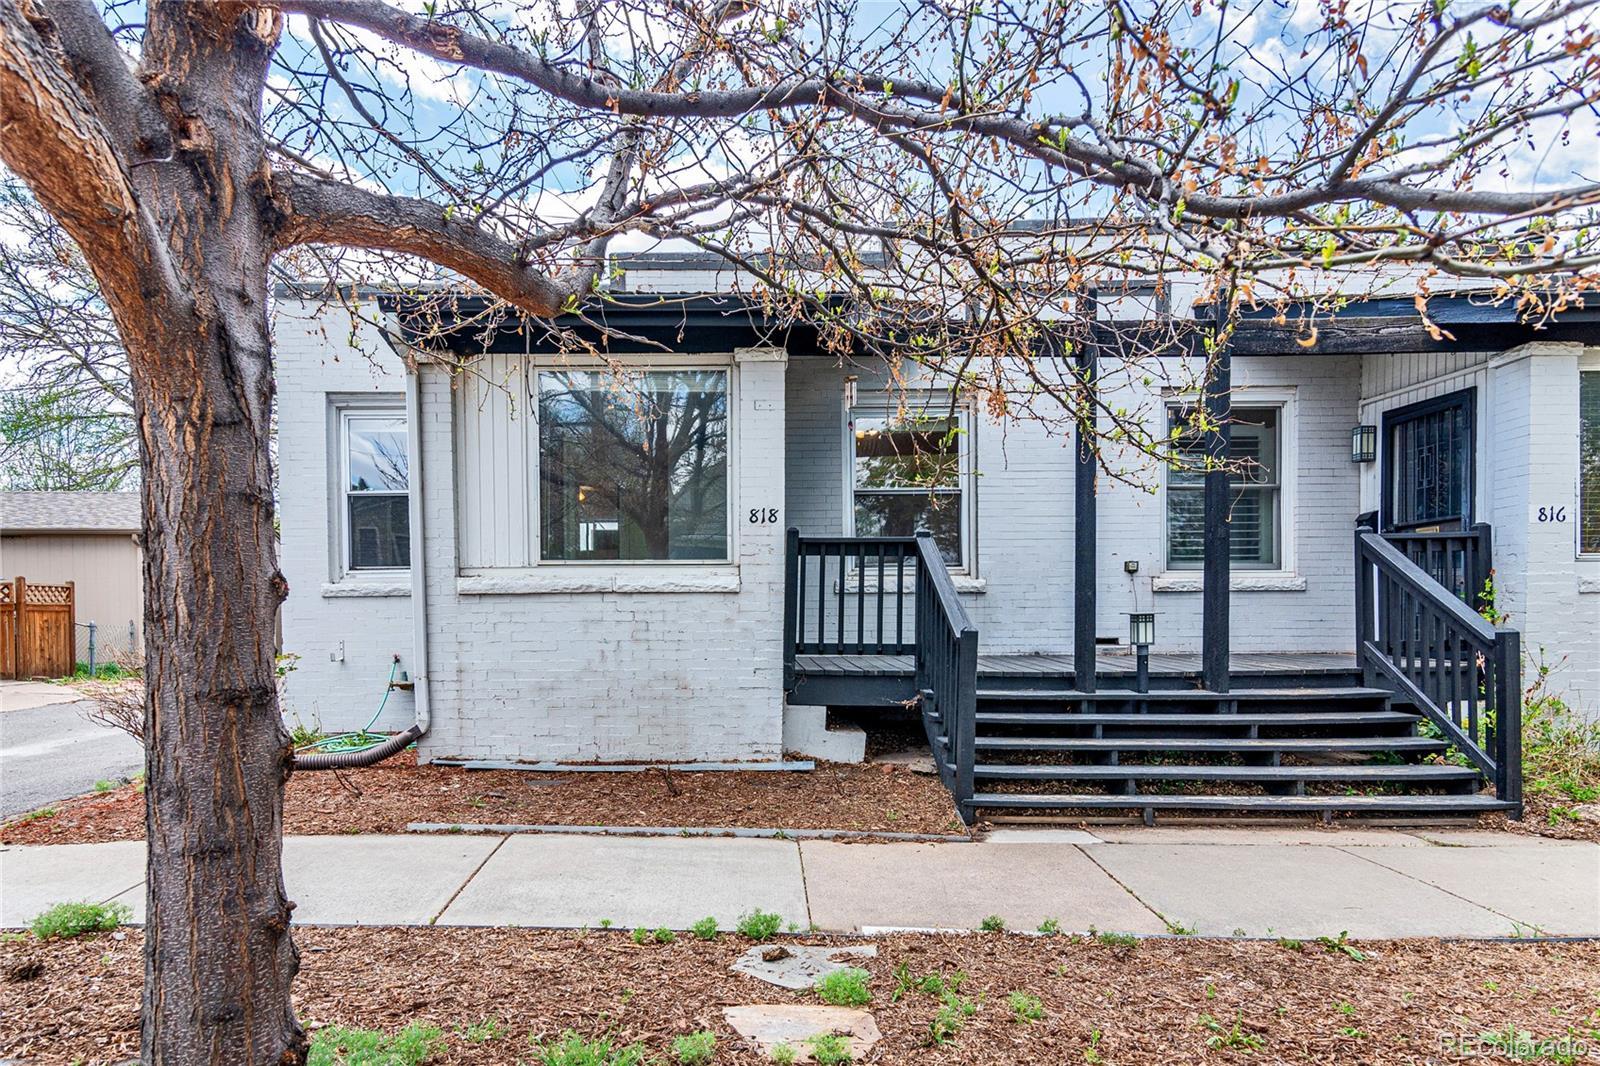 818 E 4th Avenue, Denver, CO 80218 - Denver, CO real estate listing